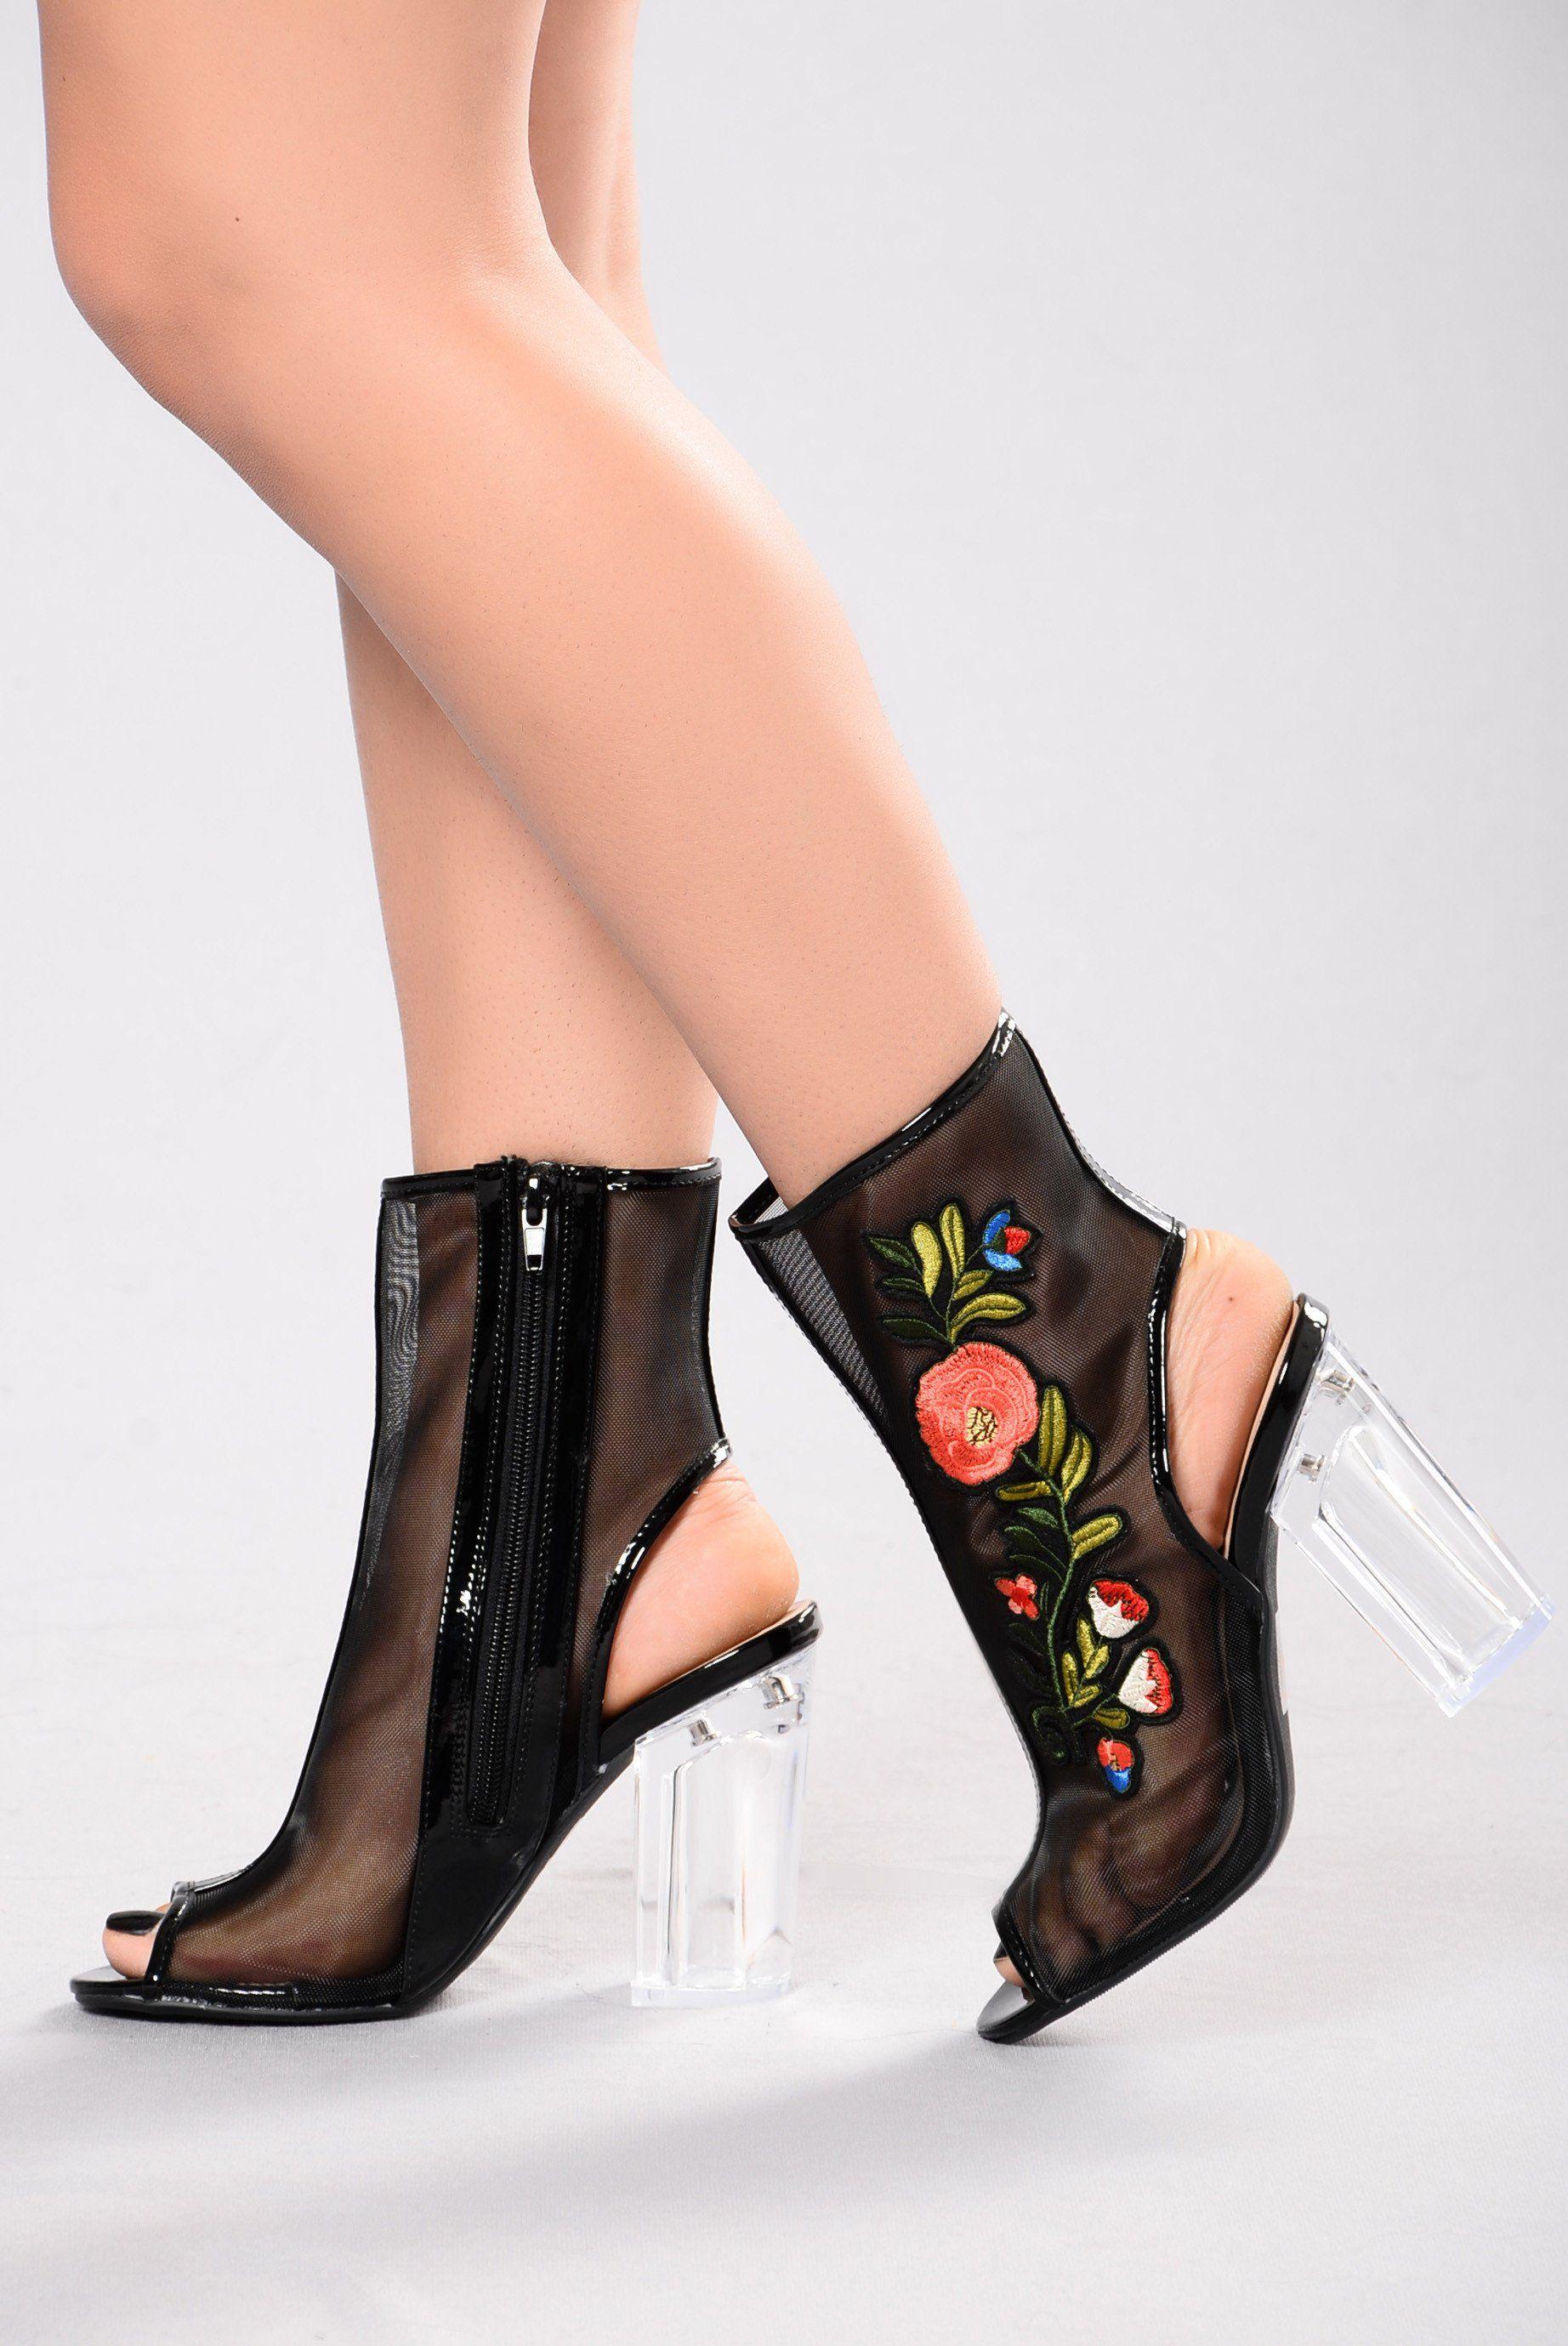 Garden clear heel black heels clear heels black heels